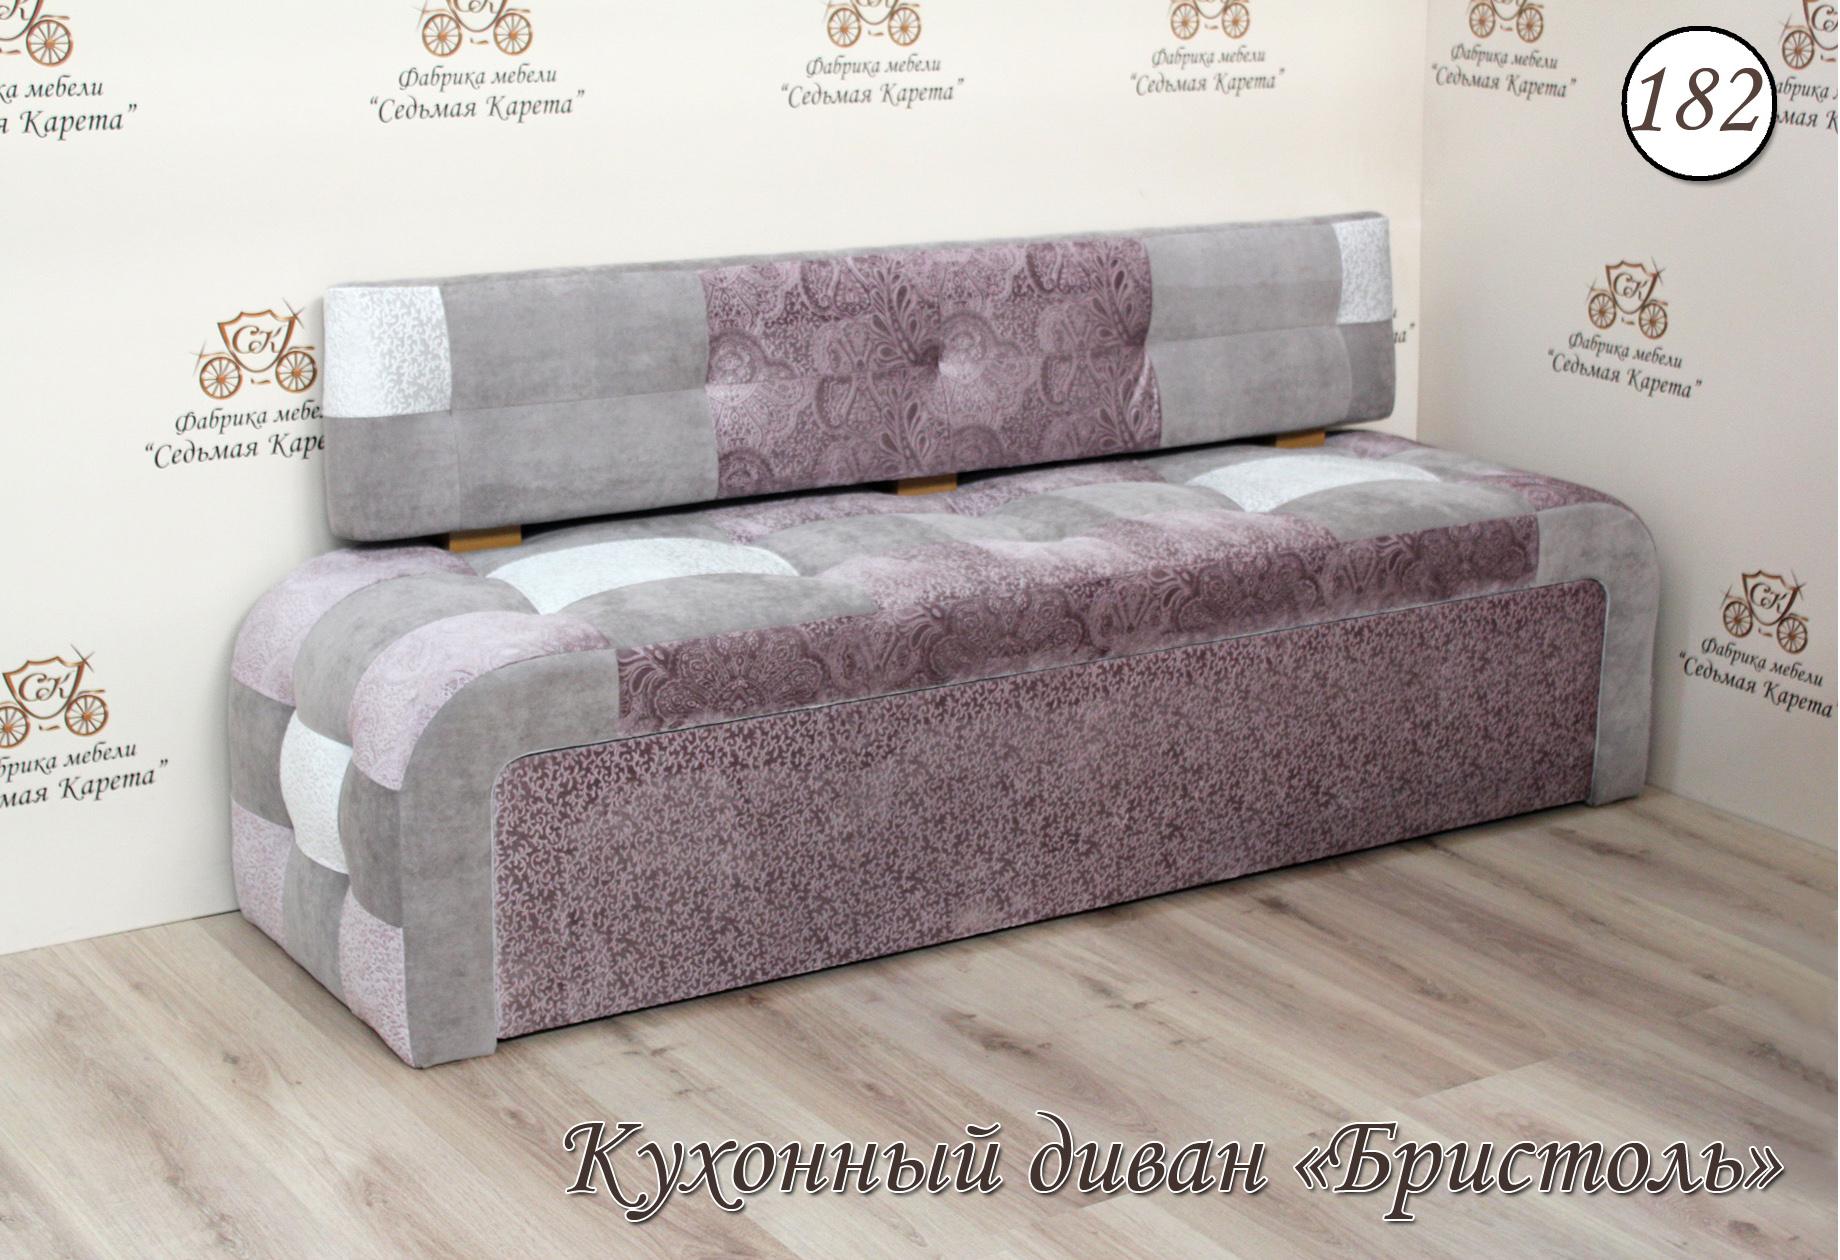 Кухонный диван Бристоль-182